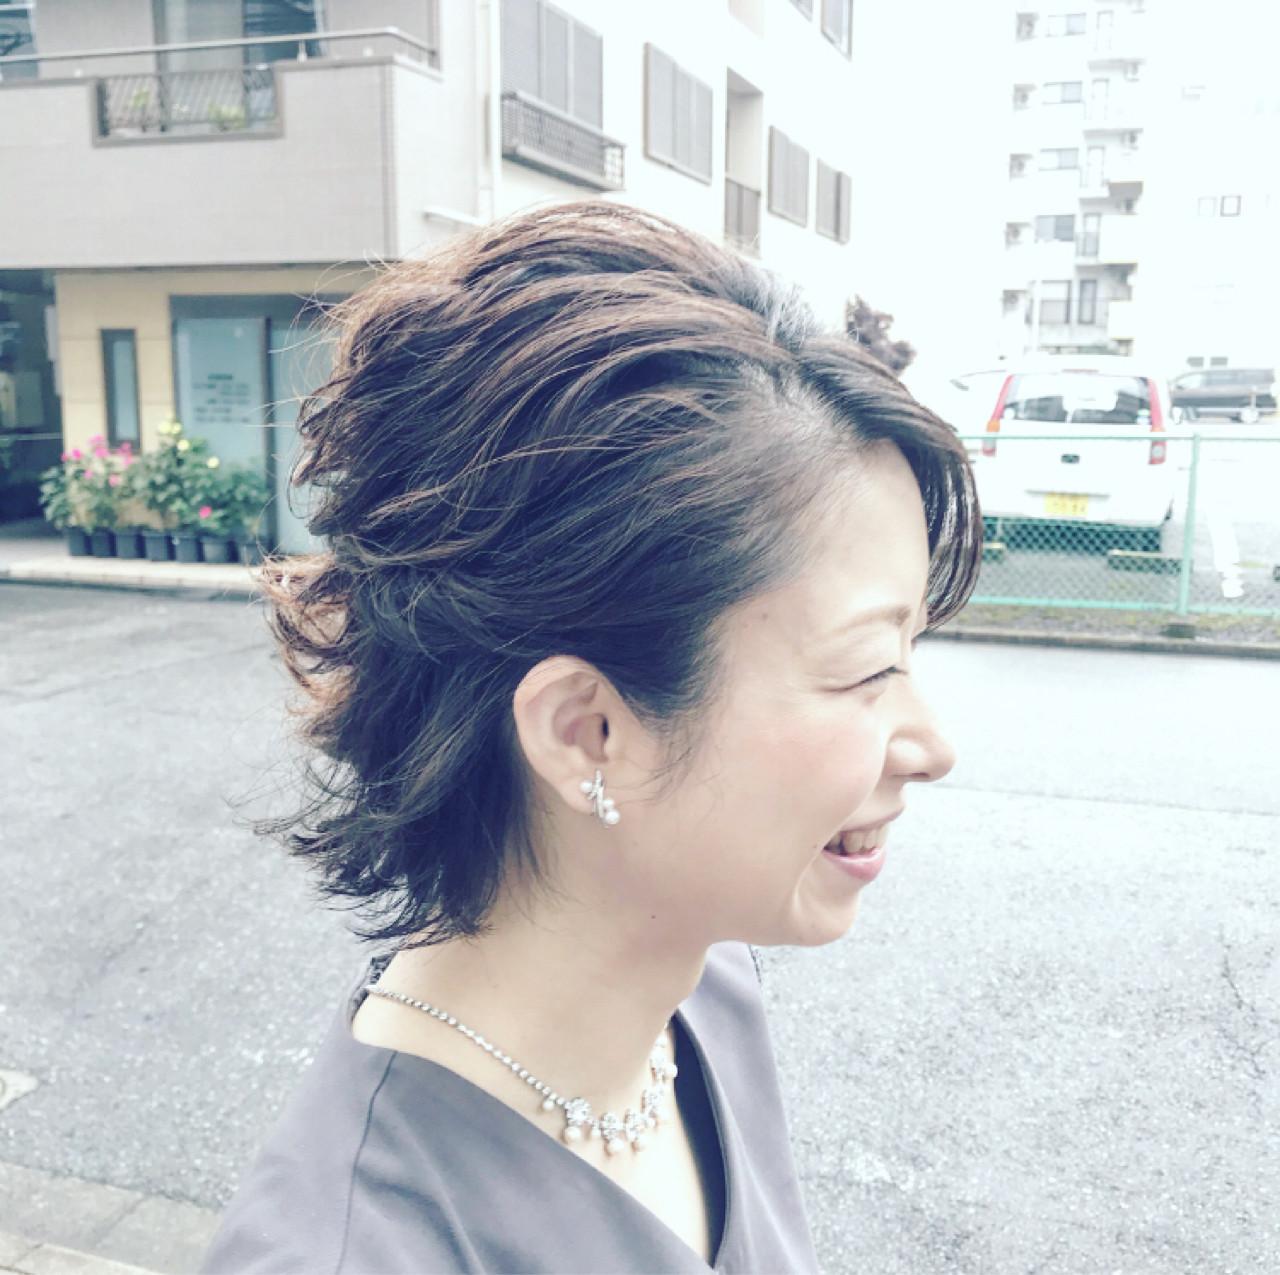 大人女子 ショート コンサバ ヘアアレンジ ヘアスタイルや髪型の写真・画像